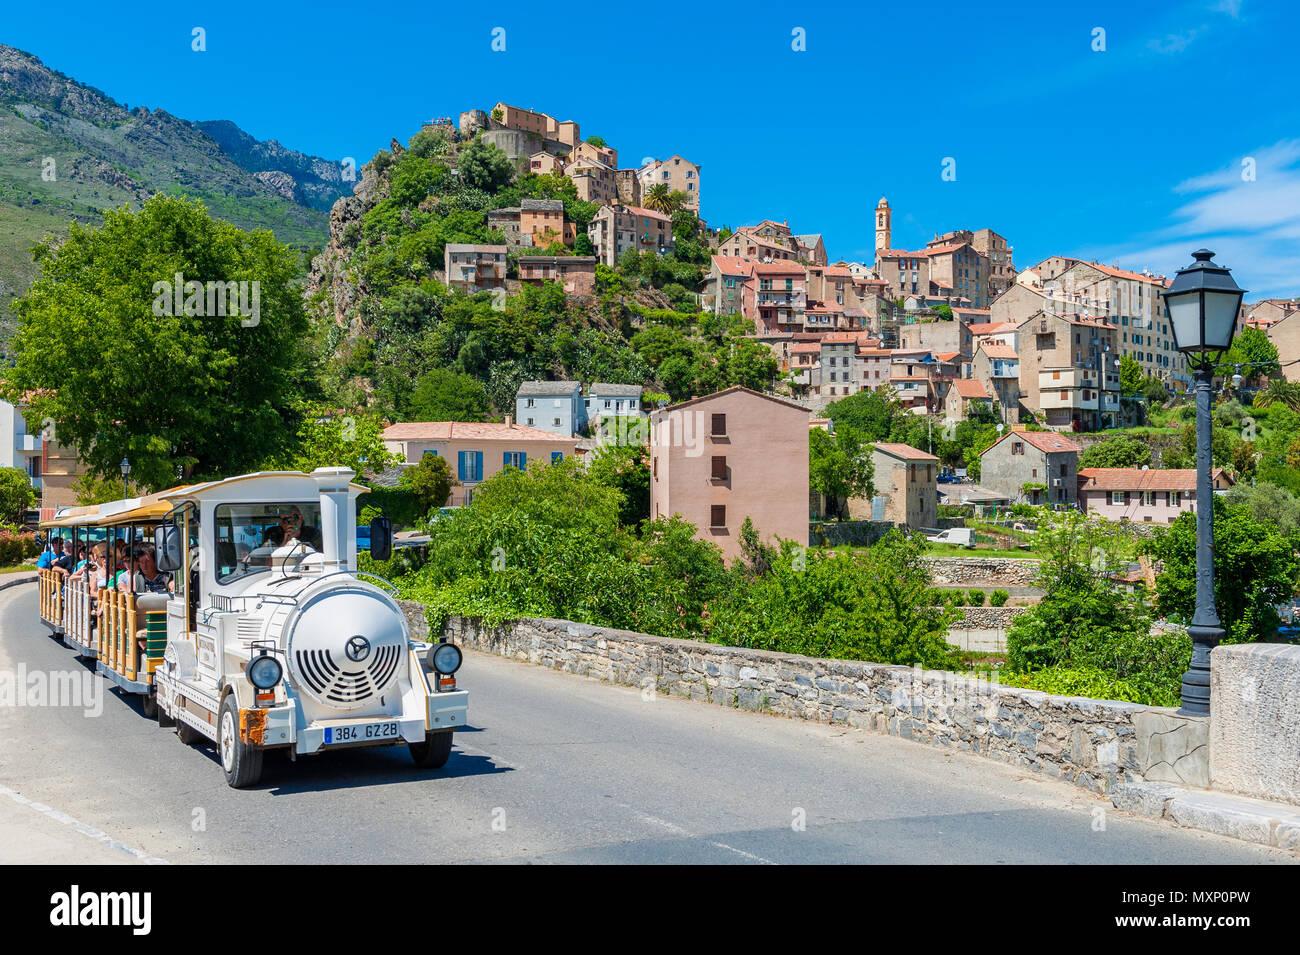 Touristischer Zug fahren durch Straße in Corte, Korsika, Frankreich. Corte ist am besten für die Zitadelle und Universität bekannt. Stockbild